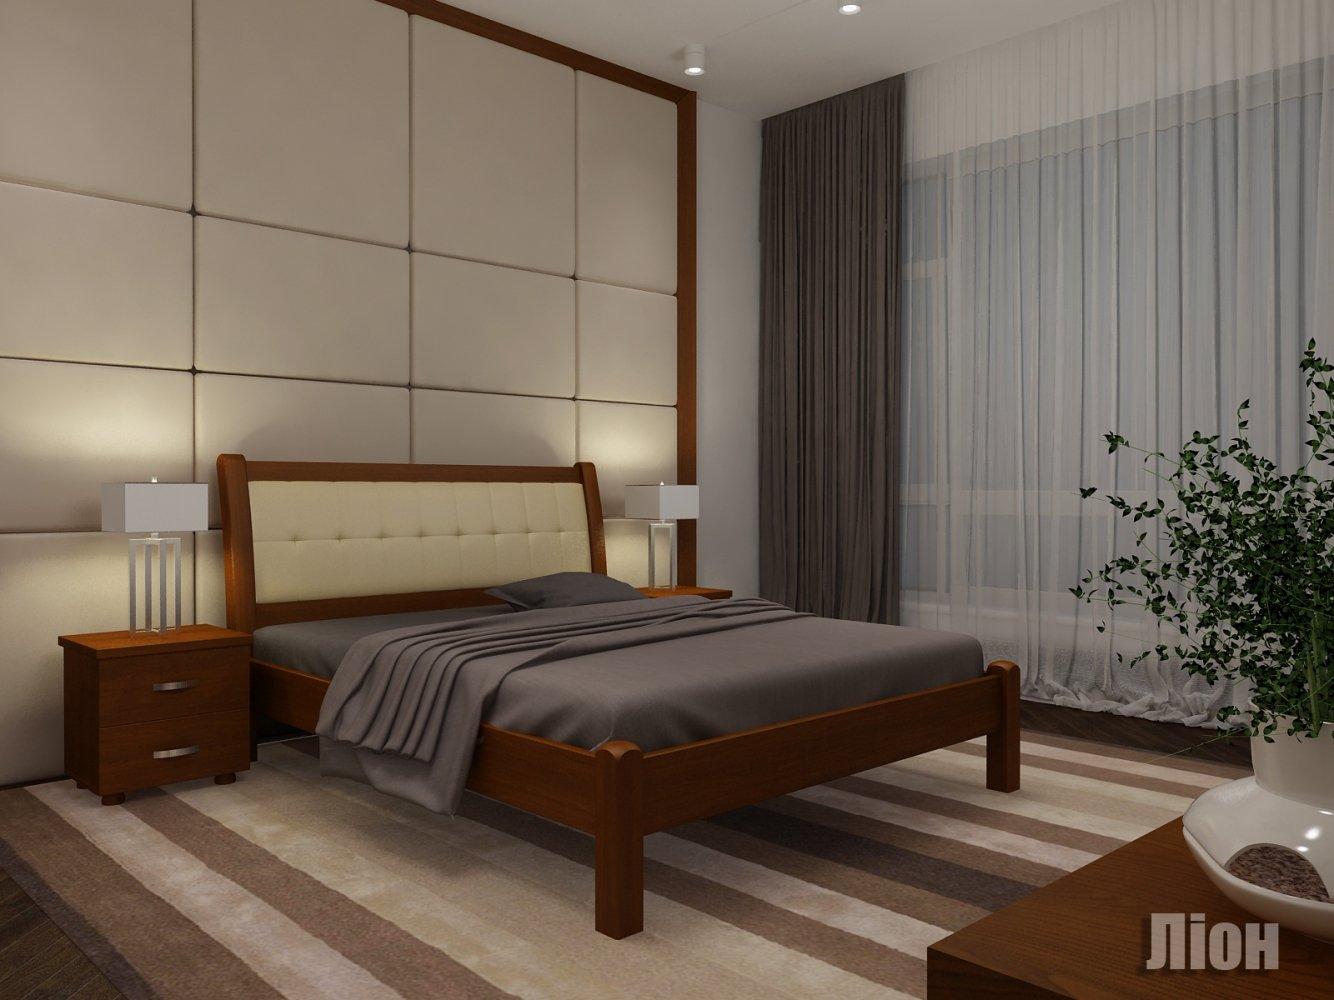 Кровать Лион + Подъемник 8